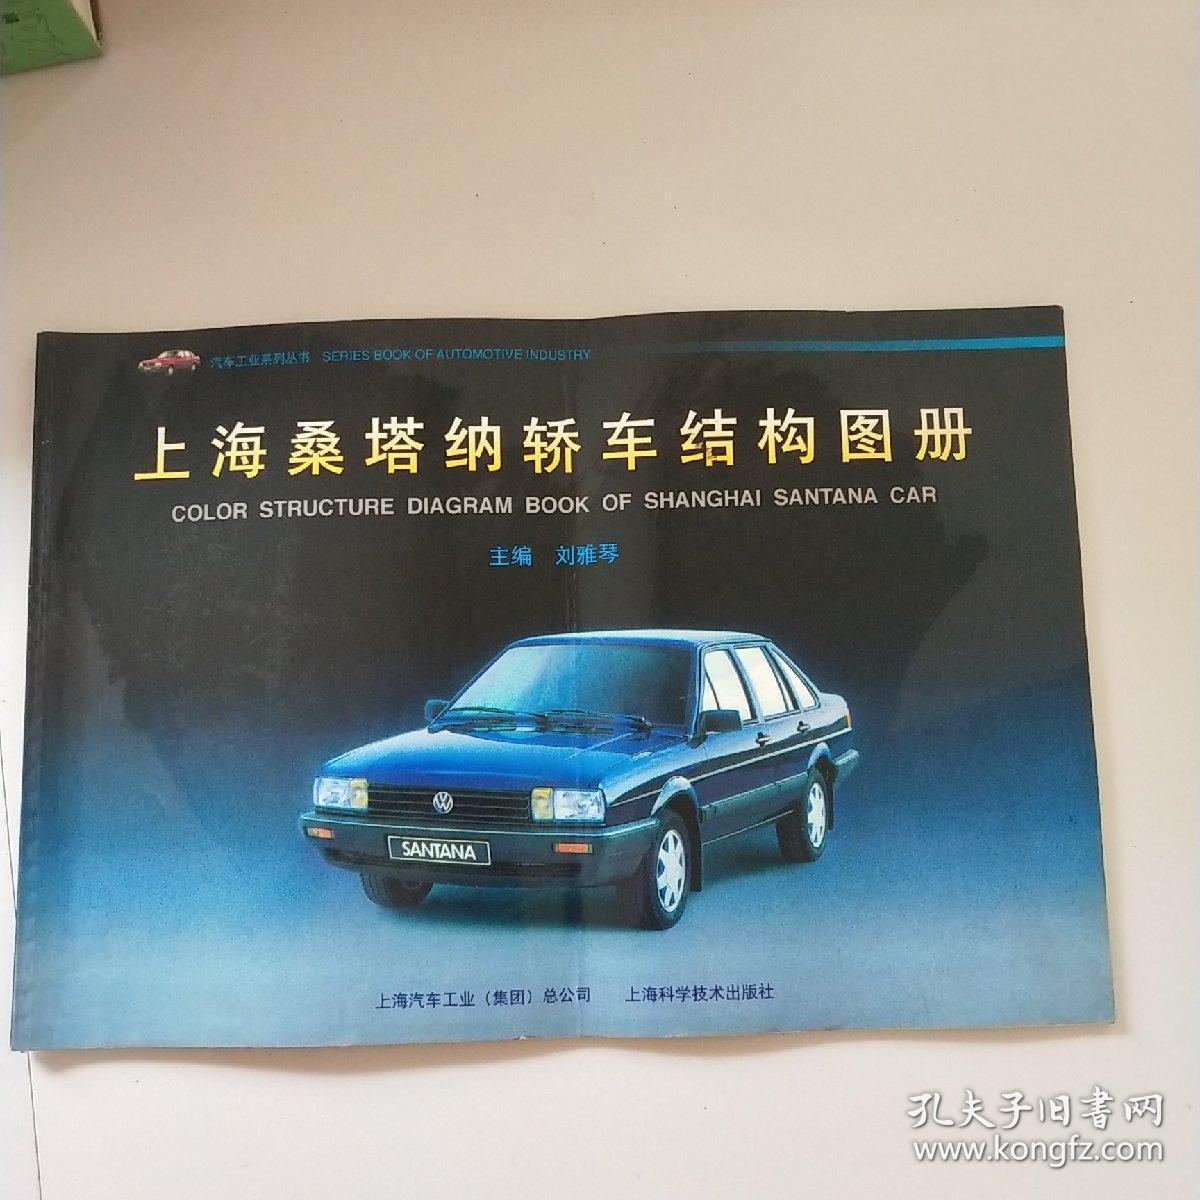 上海桑塔纳轿车结构图册